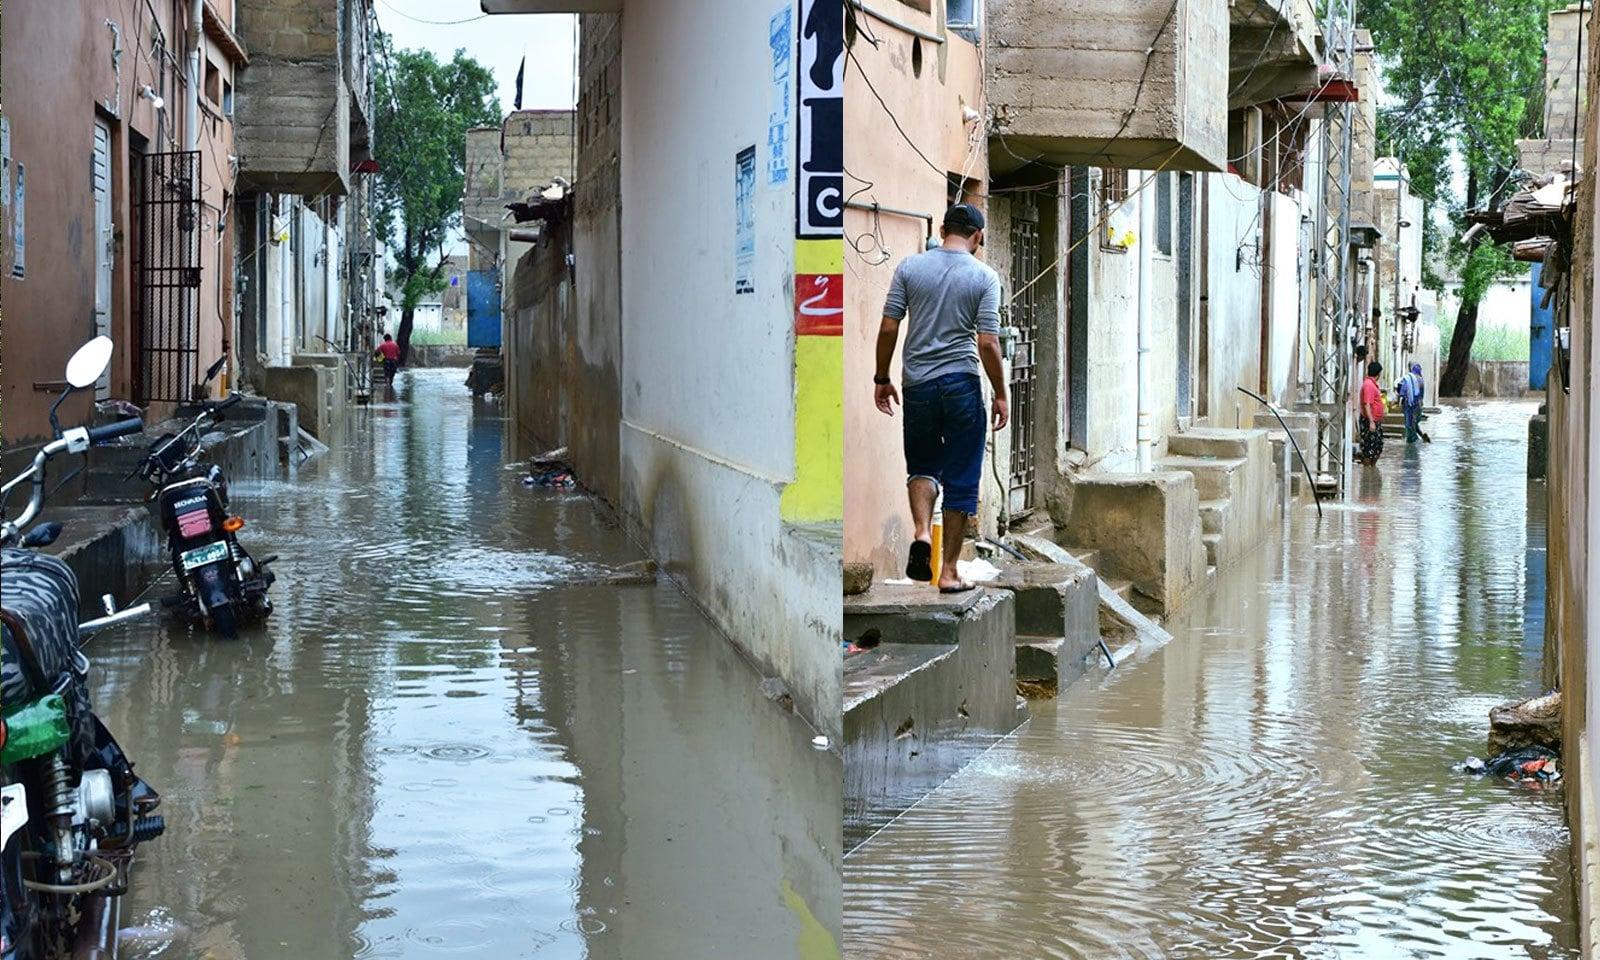 سچل گوٹھ میں بھی پانی گھروں میں داخل ہوگیا—فوٹو: غازی حسین/ فیس بک